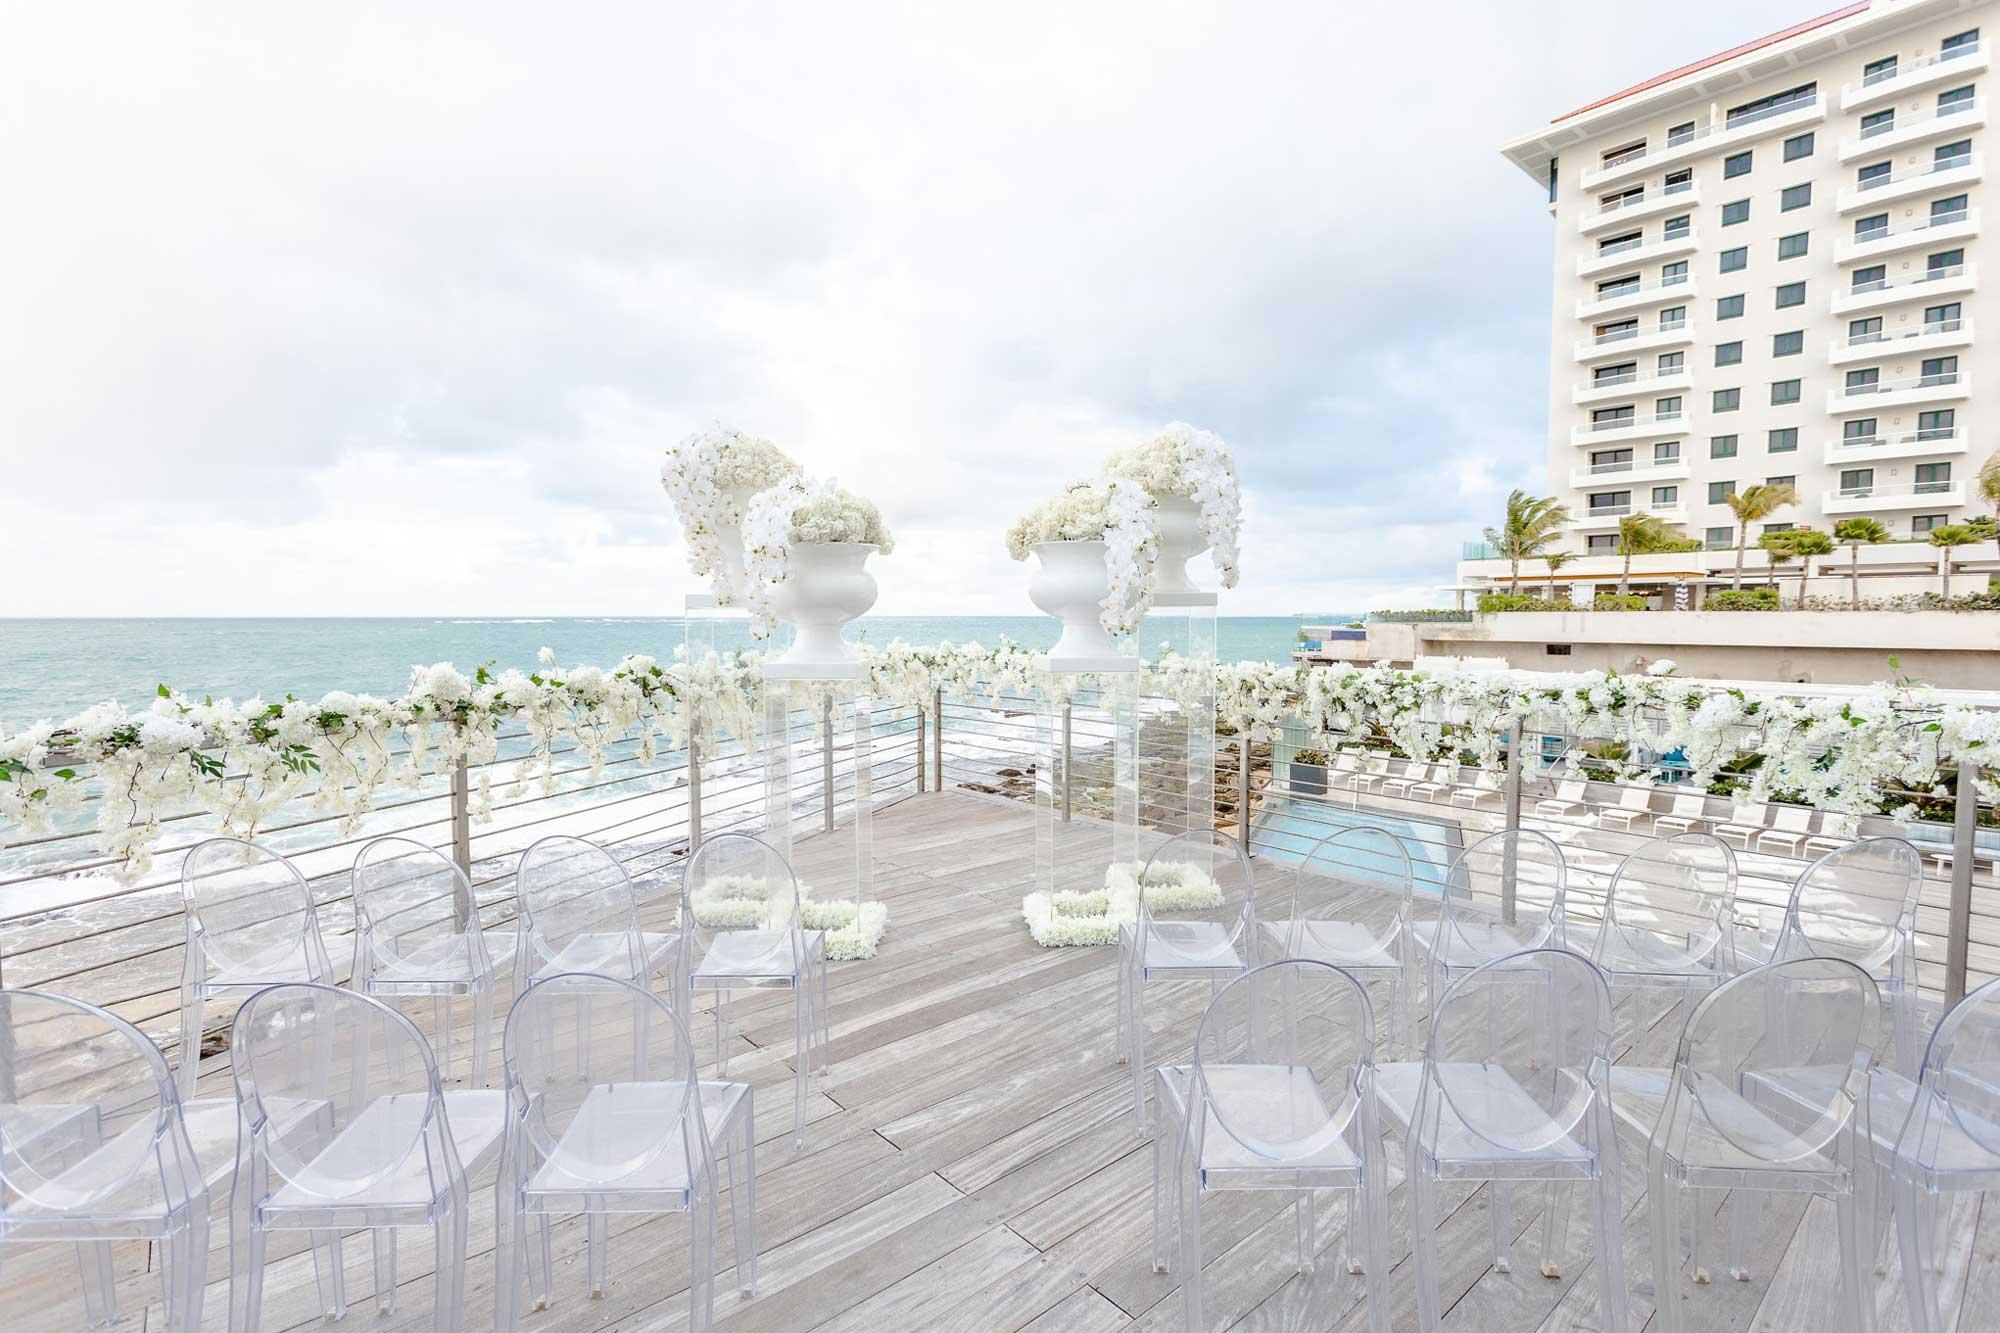 Outdoor wedding venue at Condado Ocean Club